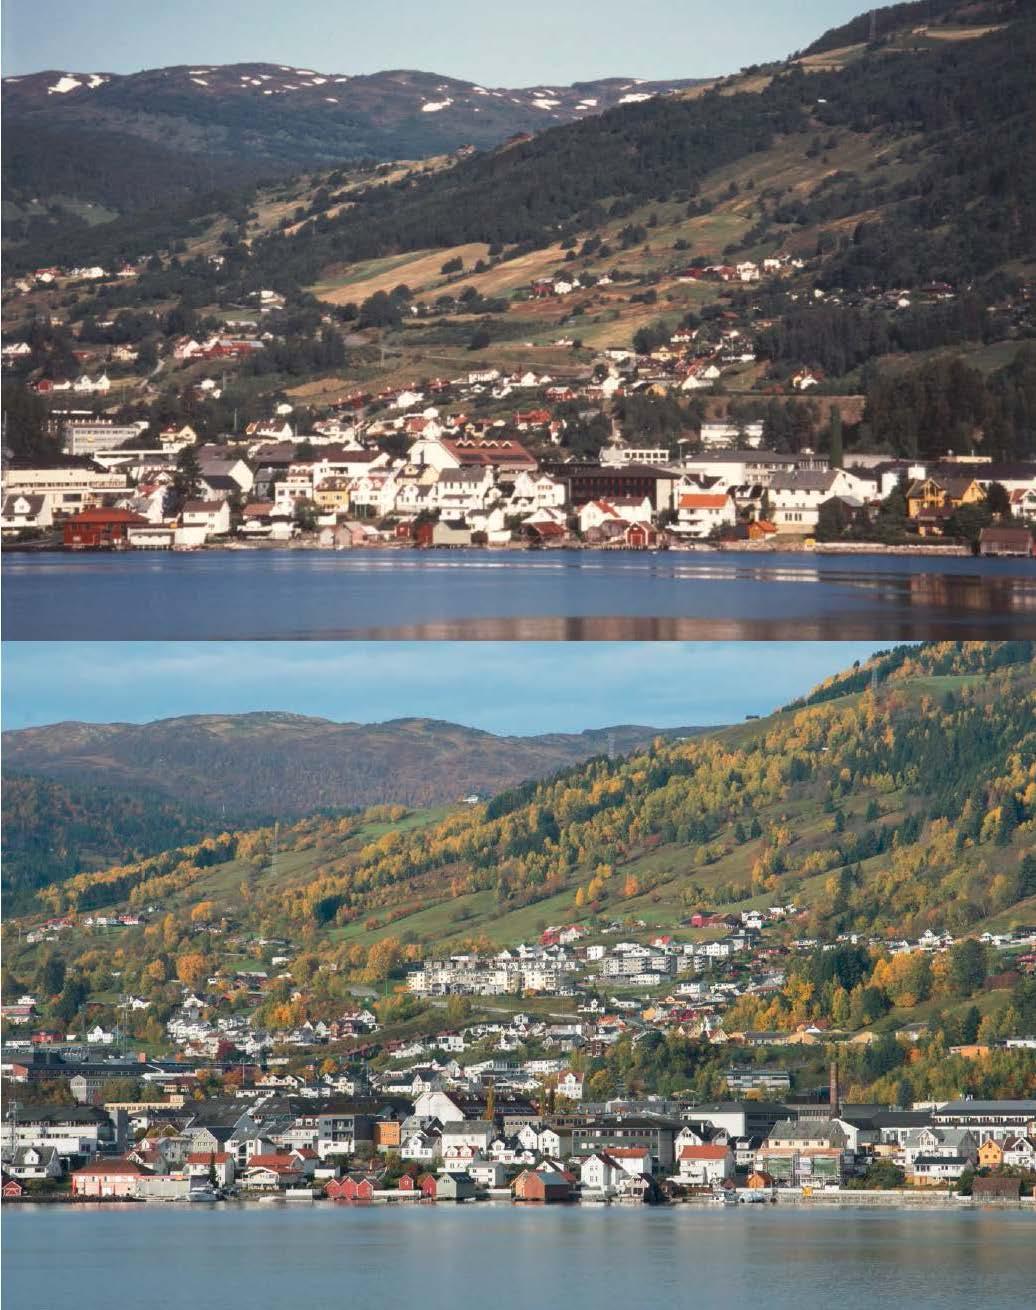 NAMIT - Forskingsprosjektet Natur- og miljøvennlig tettstedsutvikling eller NAMIT (1988-1992) vart leidd av Petter Næss ved Norges miljø- og biovitenskapelige universitet, som også er med i Surround.NAMIT gjekk ut på å studere kommunane Sogndal, Borre (dagens Horten), Malvik og Trondheim med tanke på berekraftig tettstadutvikling. Det rikhaldige materialet frå prosjektet utgjer eit viktig samanlikningsgrunnlag for Surround.Fotografia til høgre viser tettstaden Sogndalsfjøra rundt 1990 (over) og i 2018. Foto: Ingvild Austad (1990) og Leif Hauge (2018).